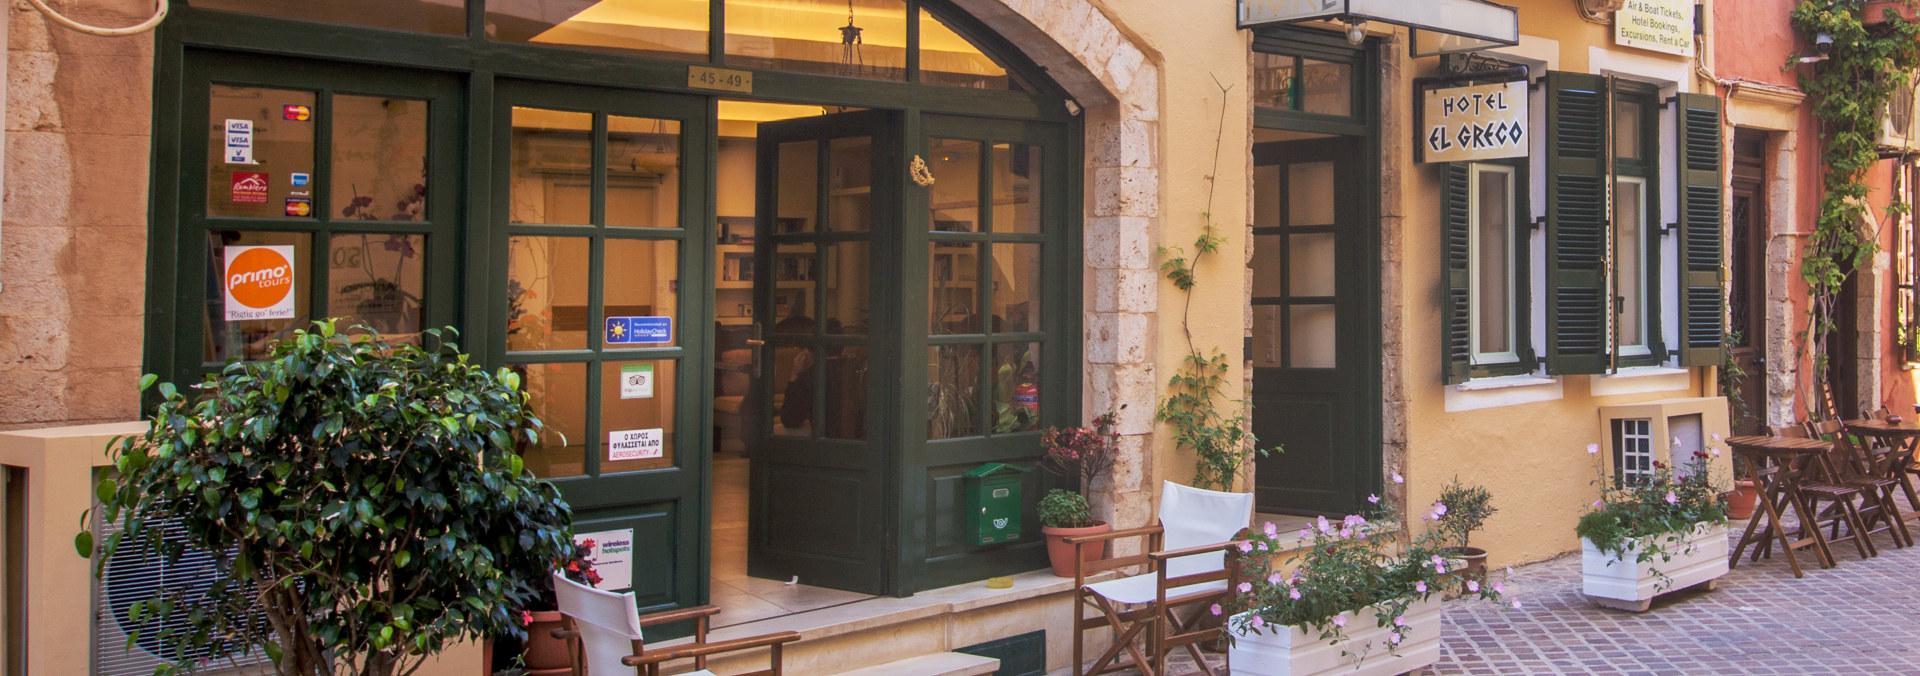 About El Greco Hotel